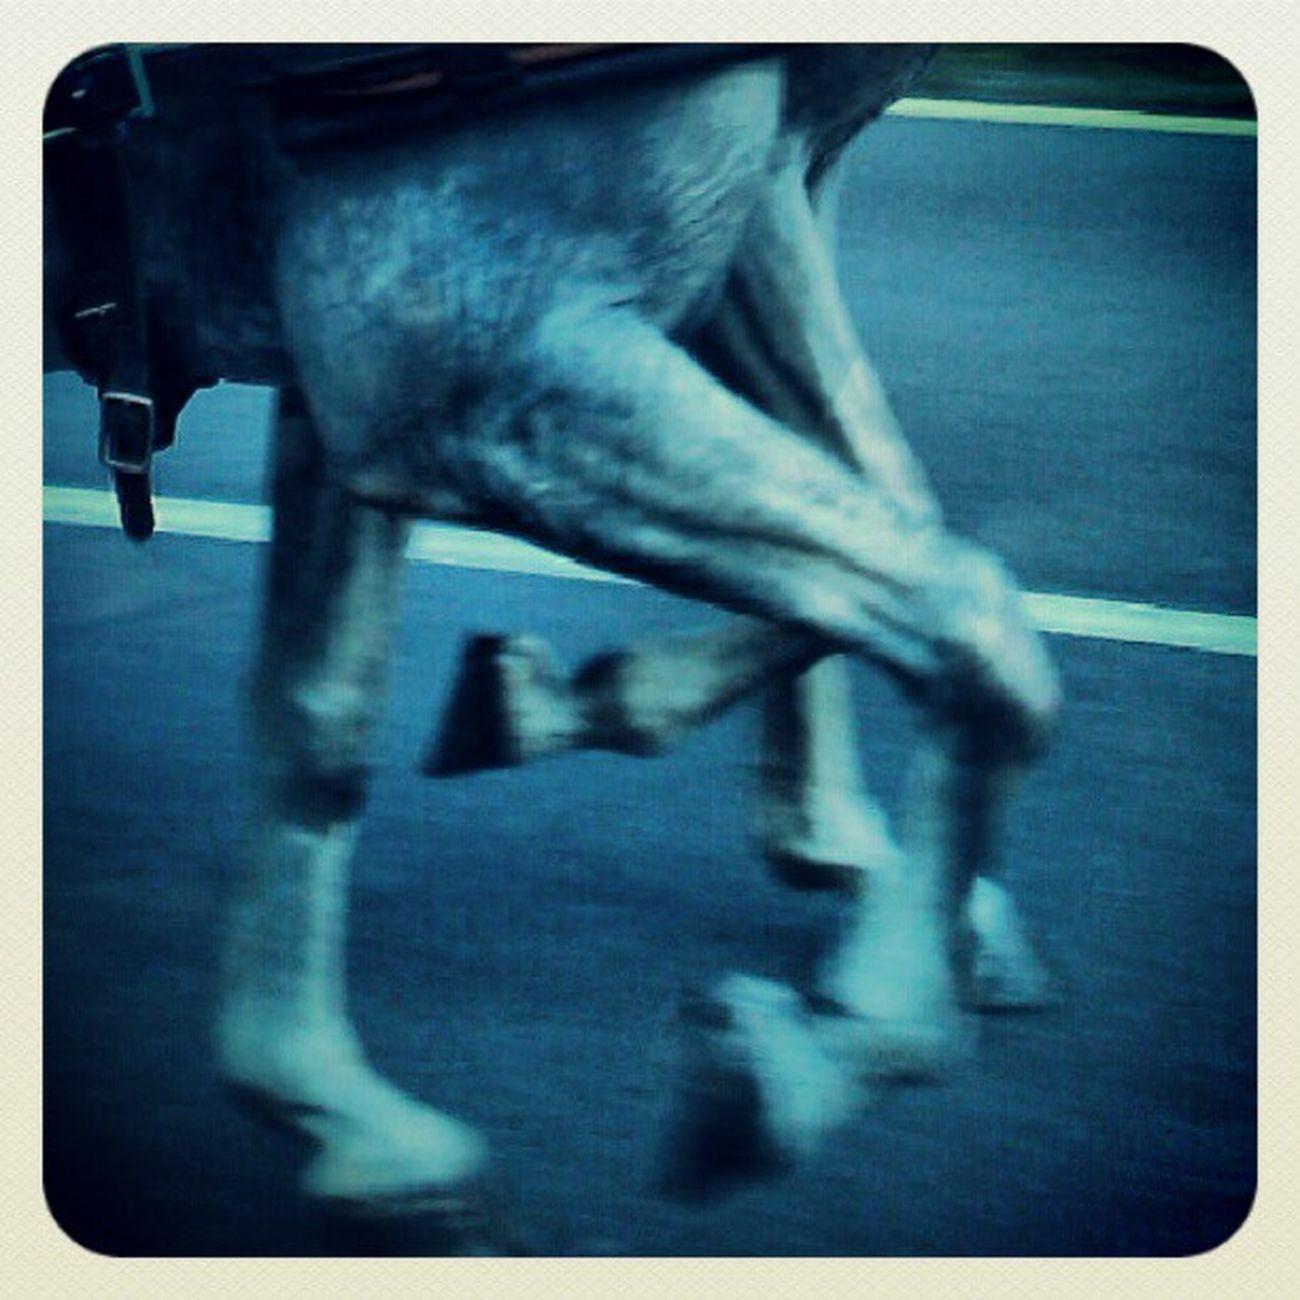 Instahorse Horsesofinstagram Horsestagram Welovedrivingsport Combineddriving Fahrsport Sportkörning Drivingsport Pony Yourdailyhorses Equestrian Carriagedriving Attelage